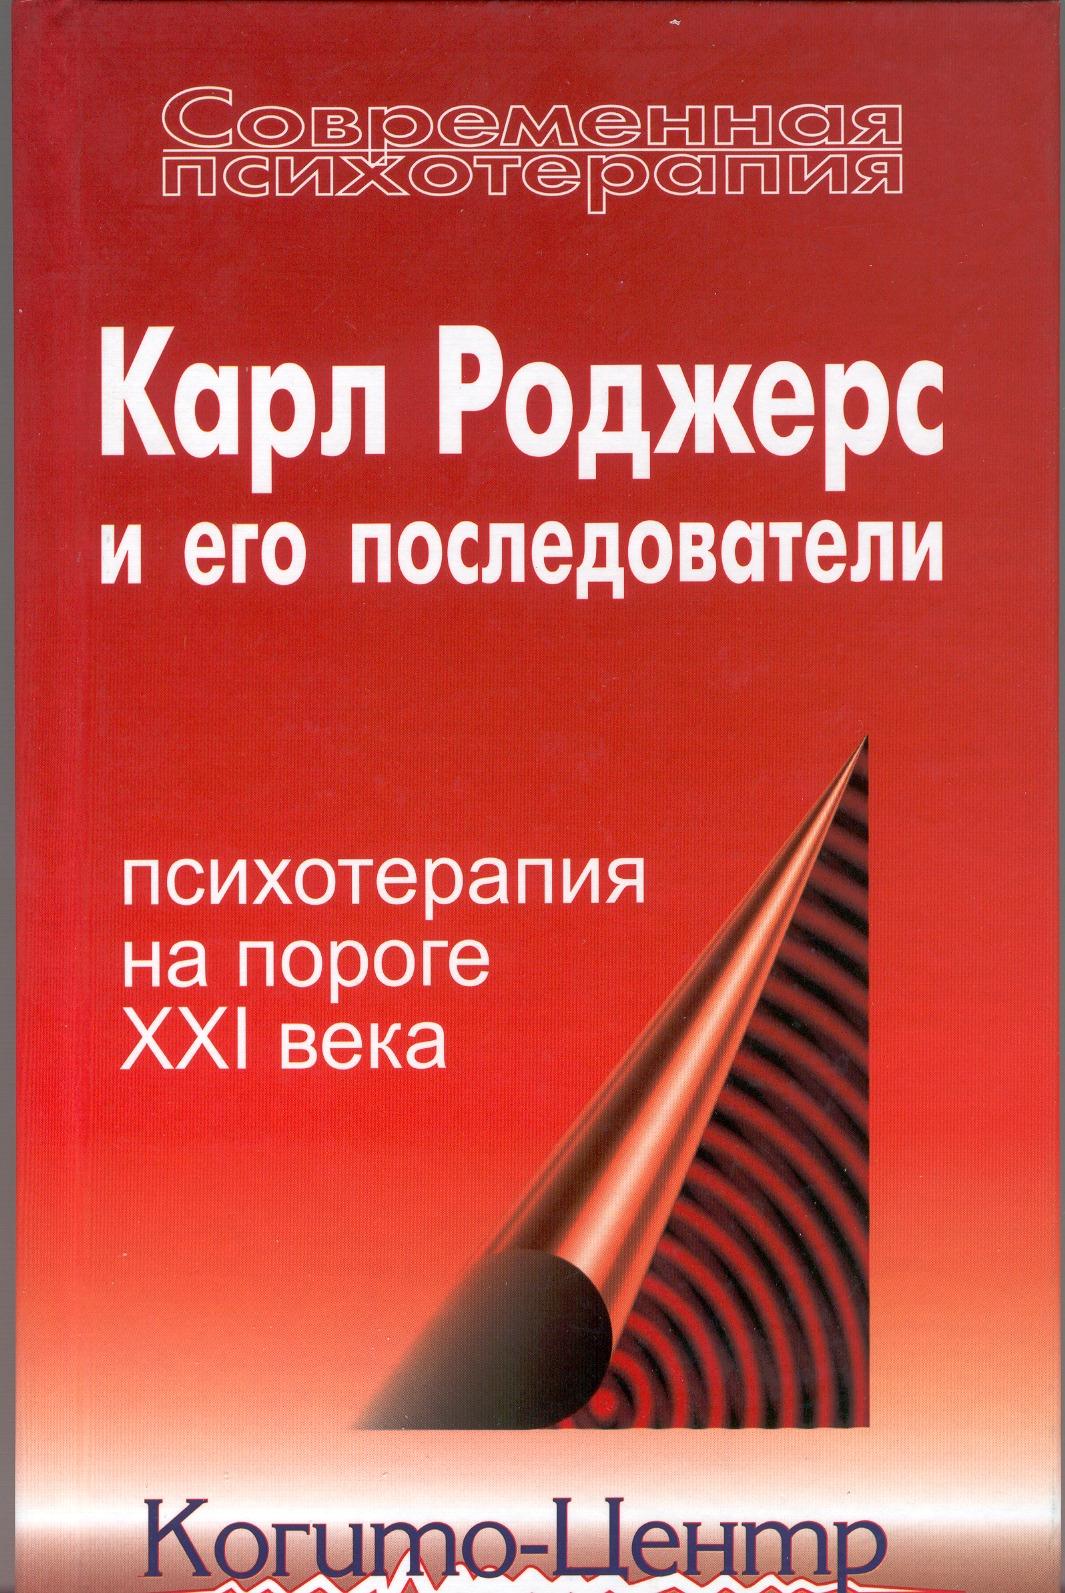 психологический словарь зинченко мещерякова